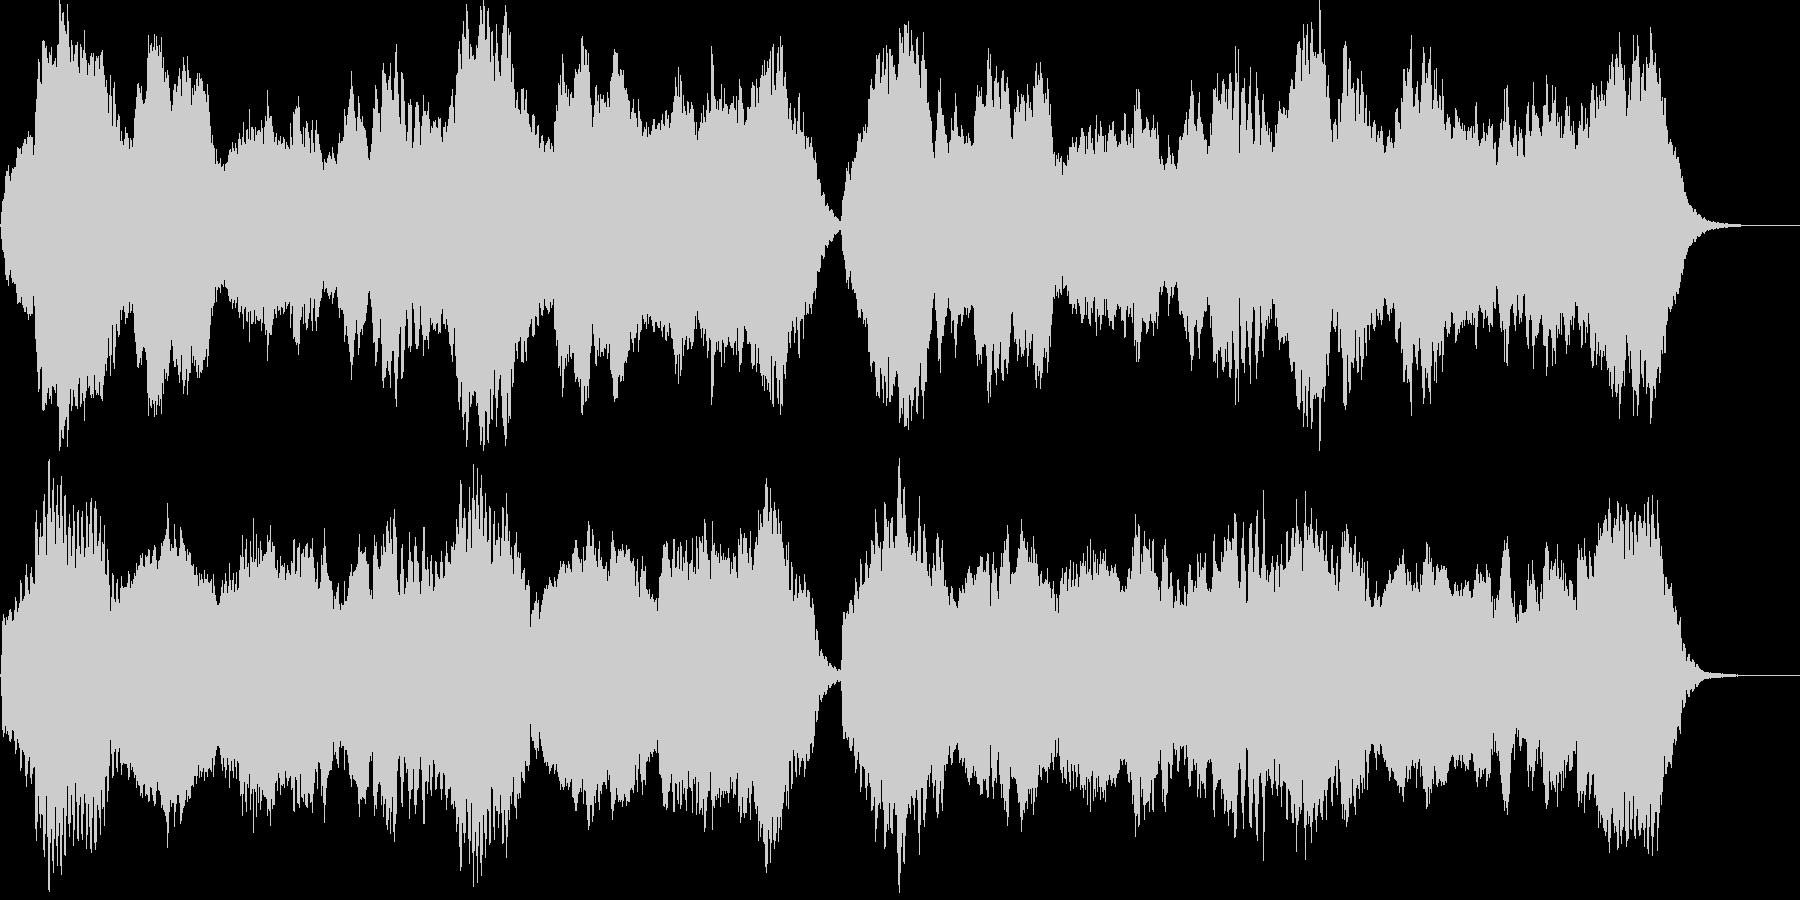 うとうとするような優しい木管四重奏の未再生の波形